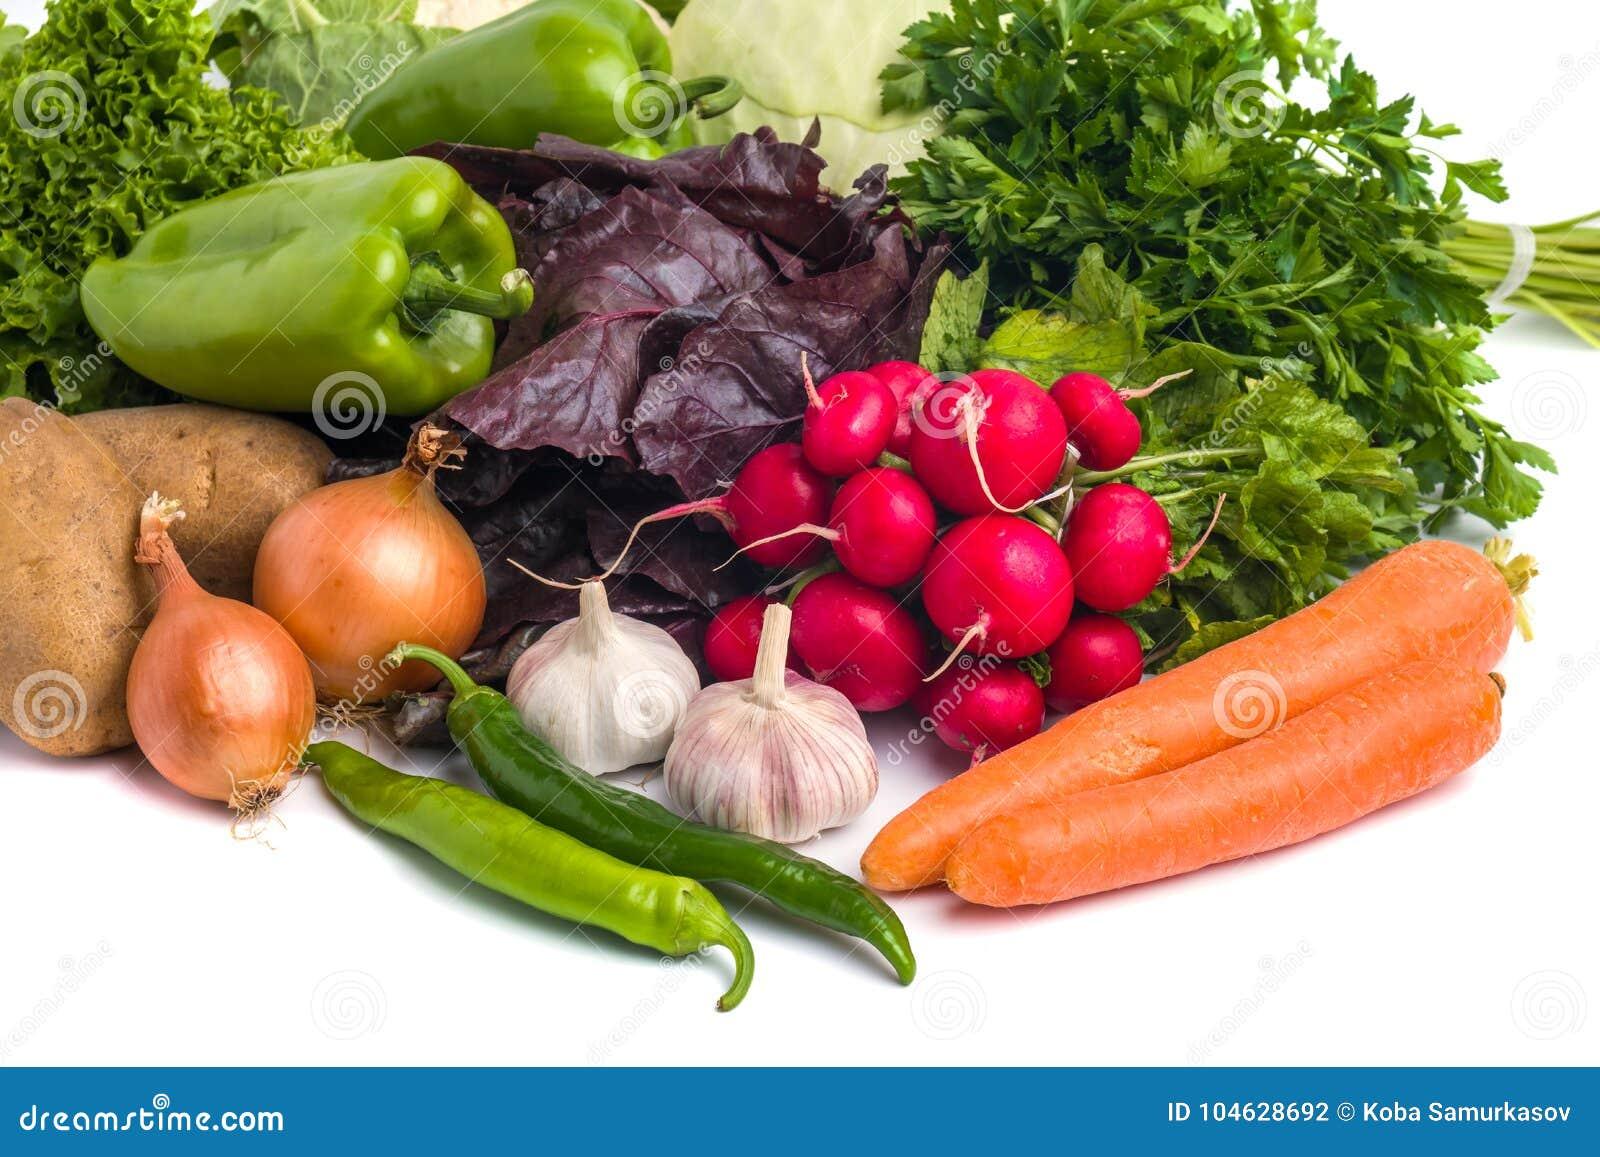 Download Sluit Omhoog Van Diverse Kleurrijke Rauwe Groenten Op Witte Achtergrond Stock Foto - Afbeelding bestaande uit rood, peper: 104628692